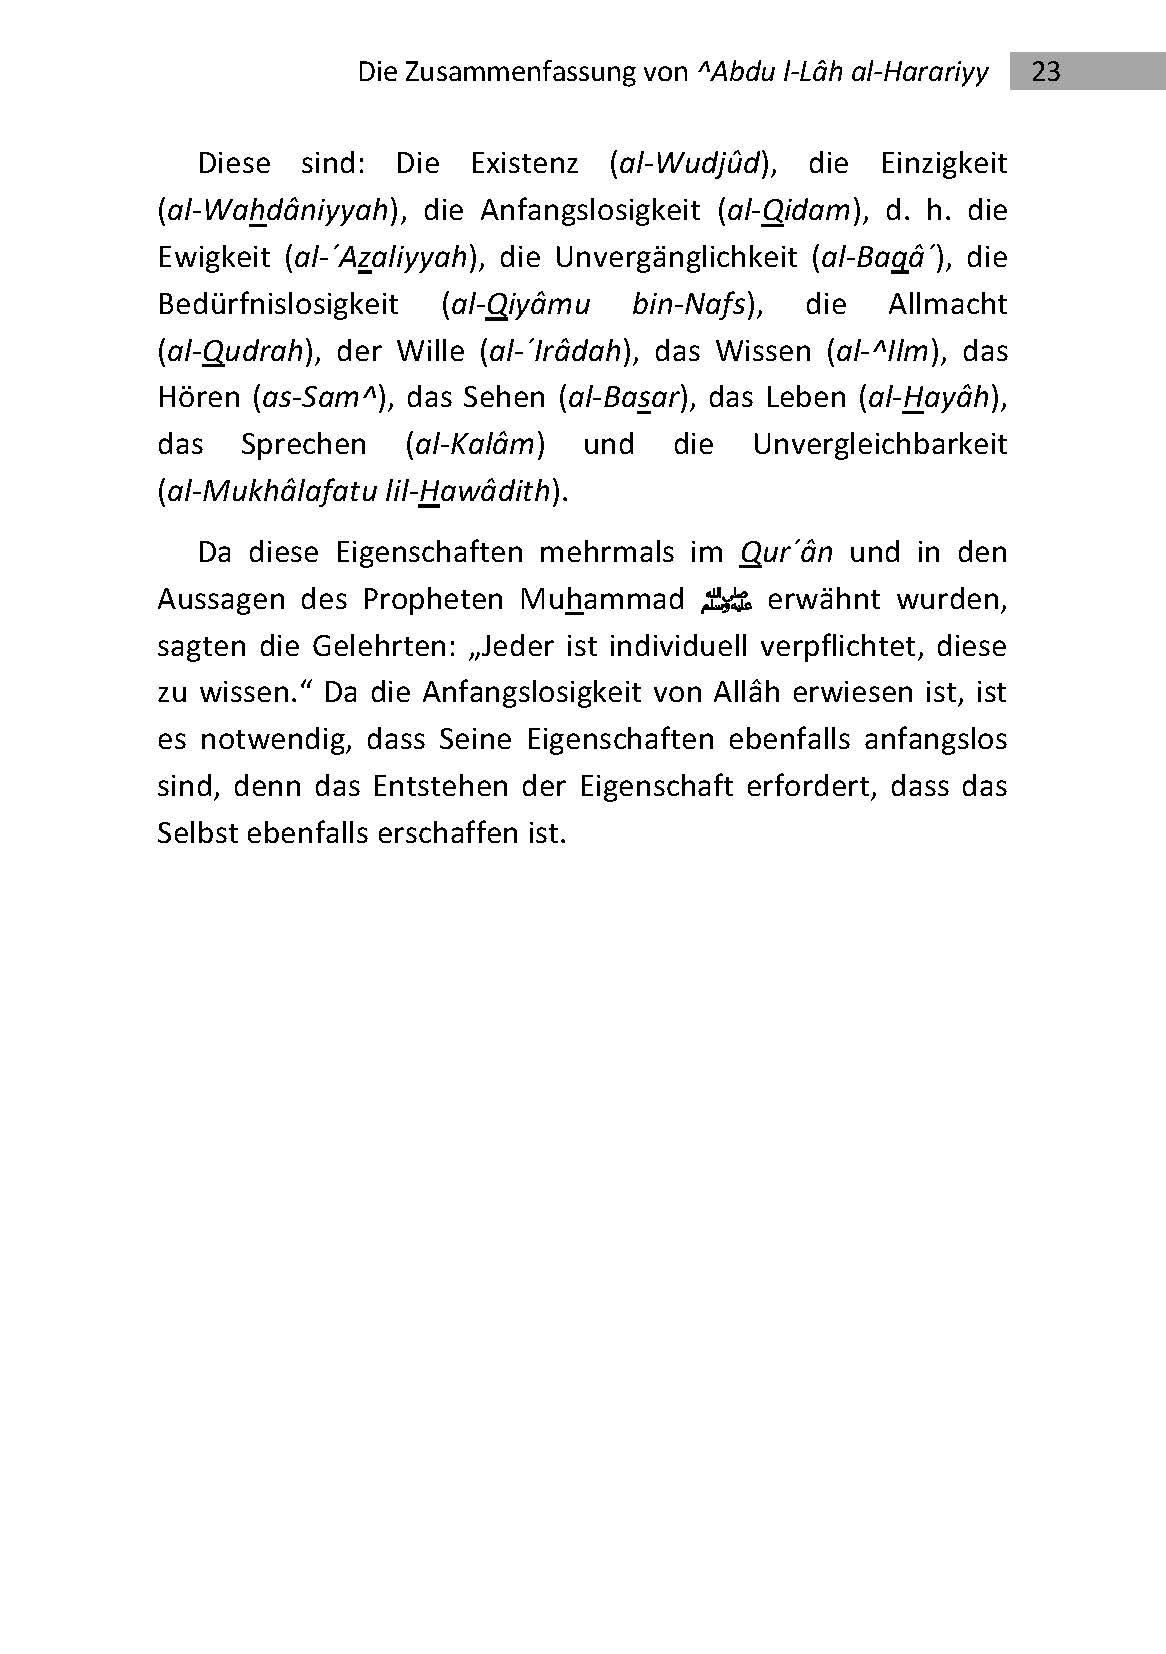 Die Zusammenfassung - 3. Auflage 2014_Seite_23